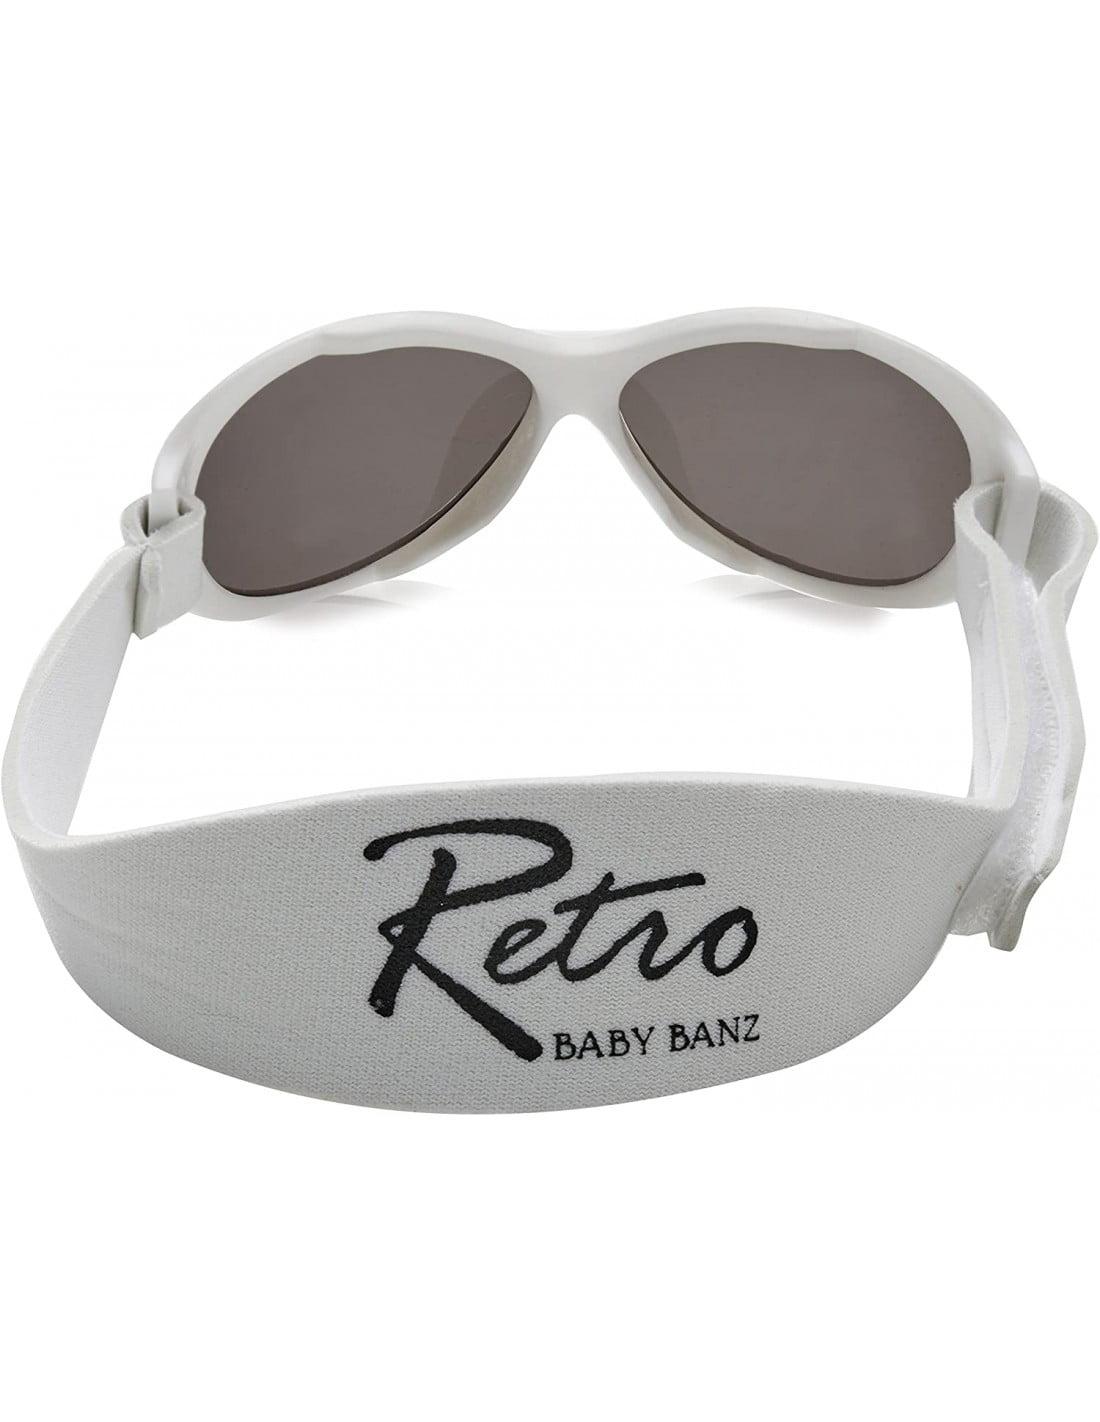 Ochelari de soare Bebe 0-2 ani Retro Oval White (alb) Banz 2